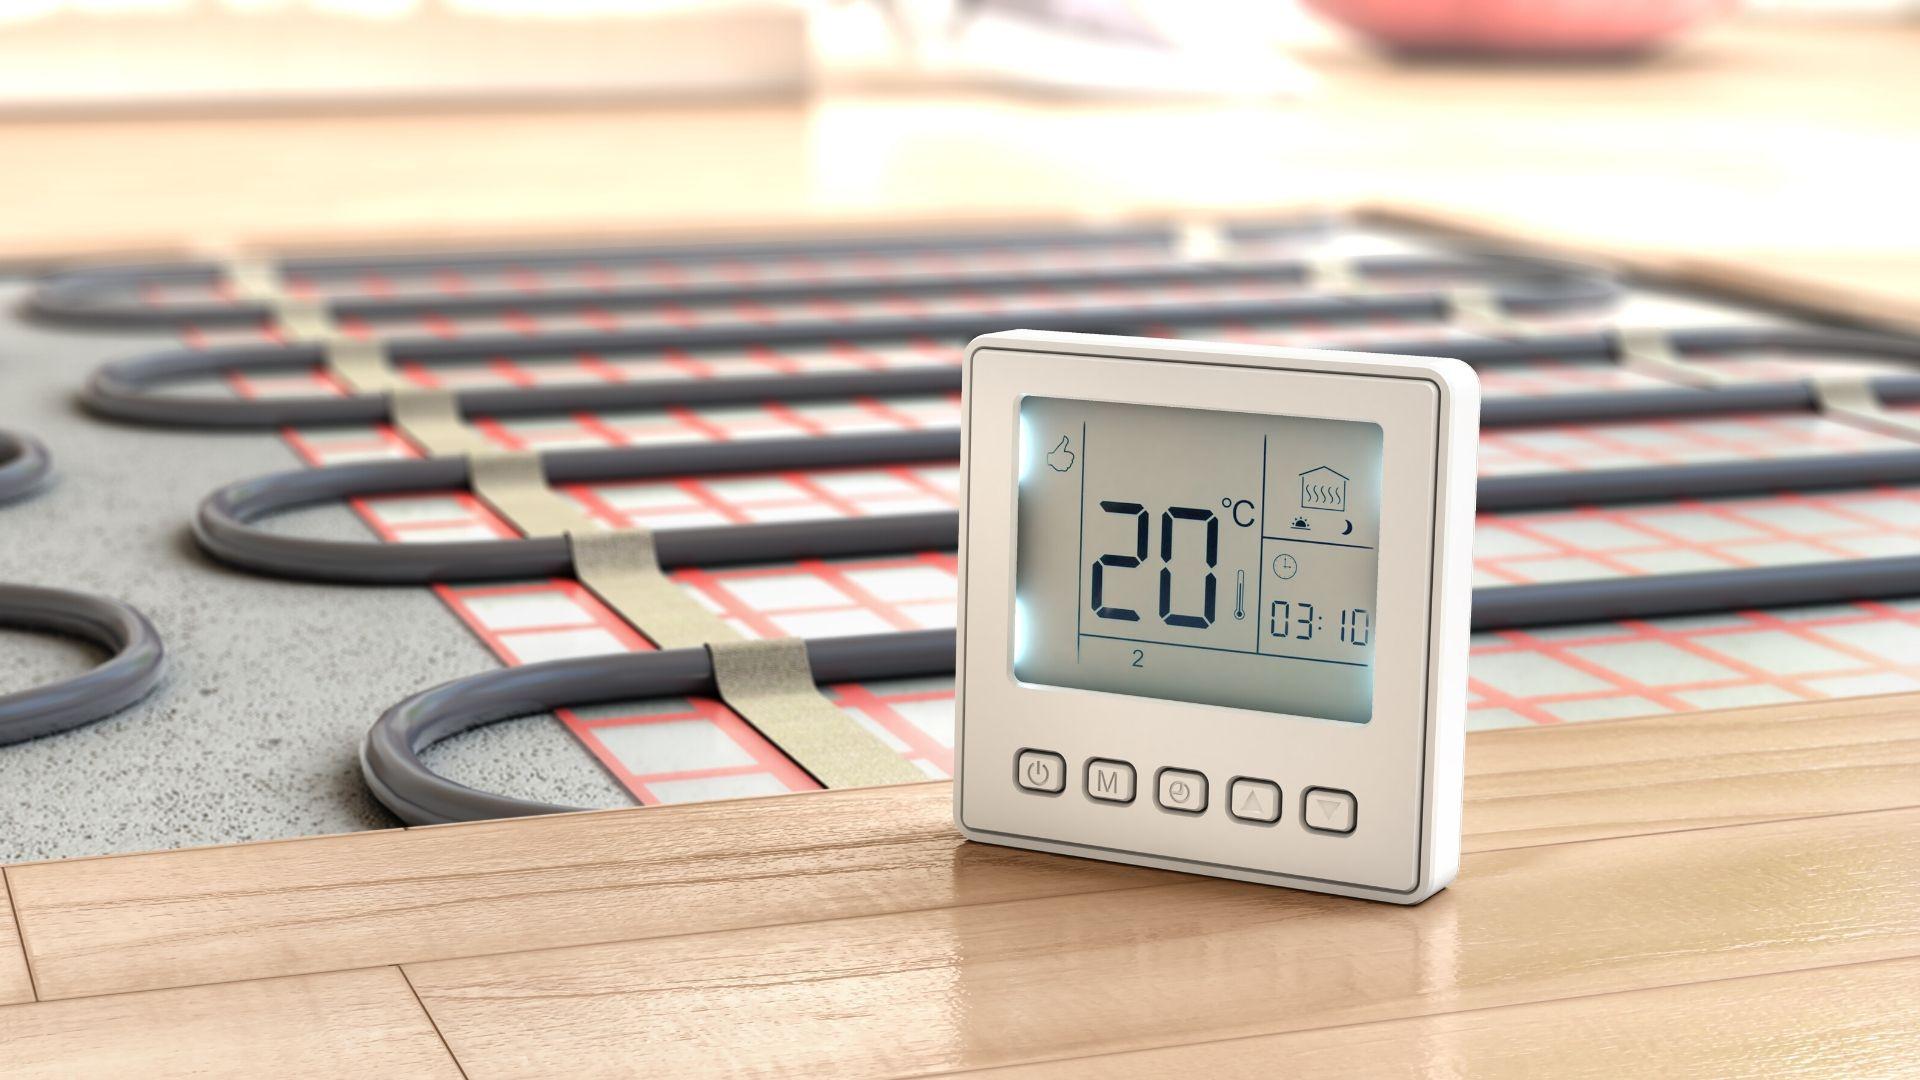 Riscaldamento A Pavimento E Raffreddamento 8 idee sbagliate sul riscaldamento a pavimento | unione geometri